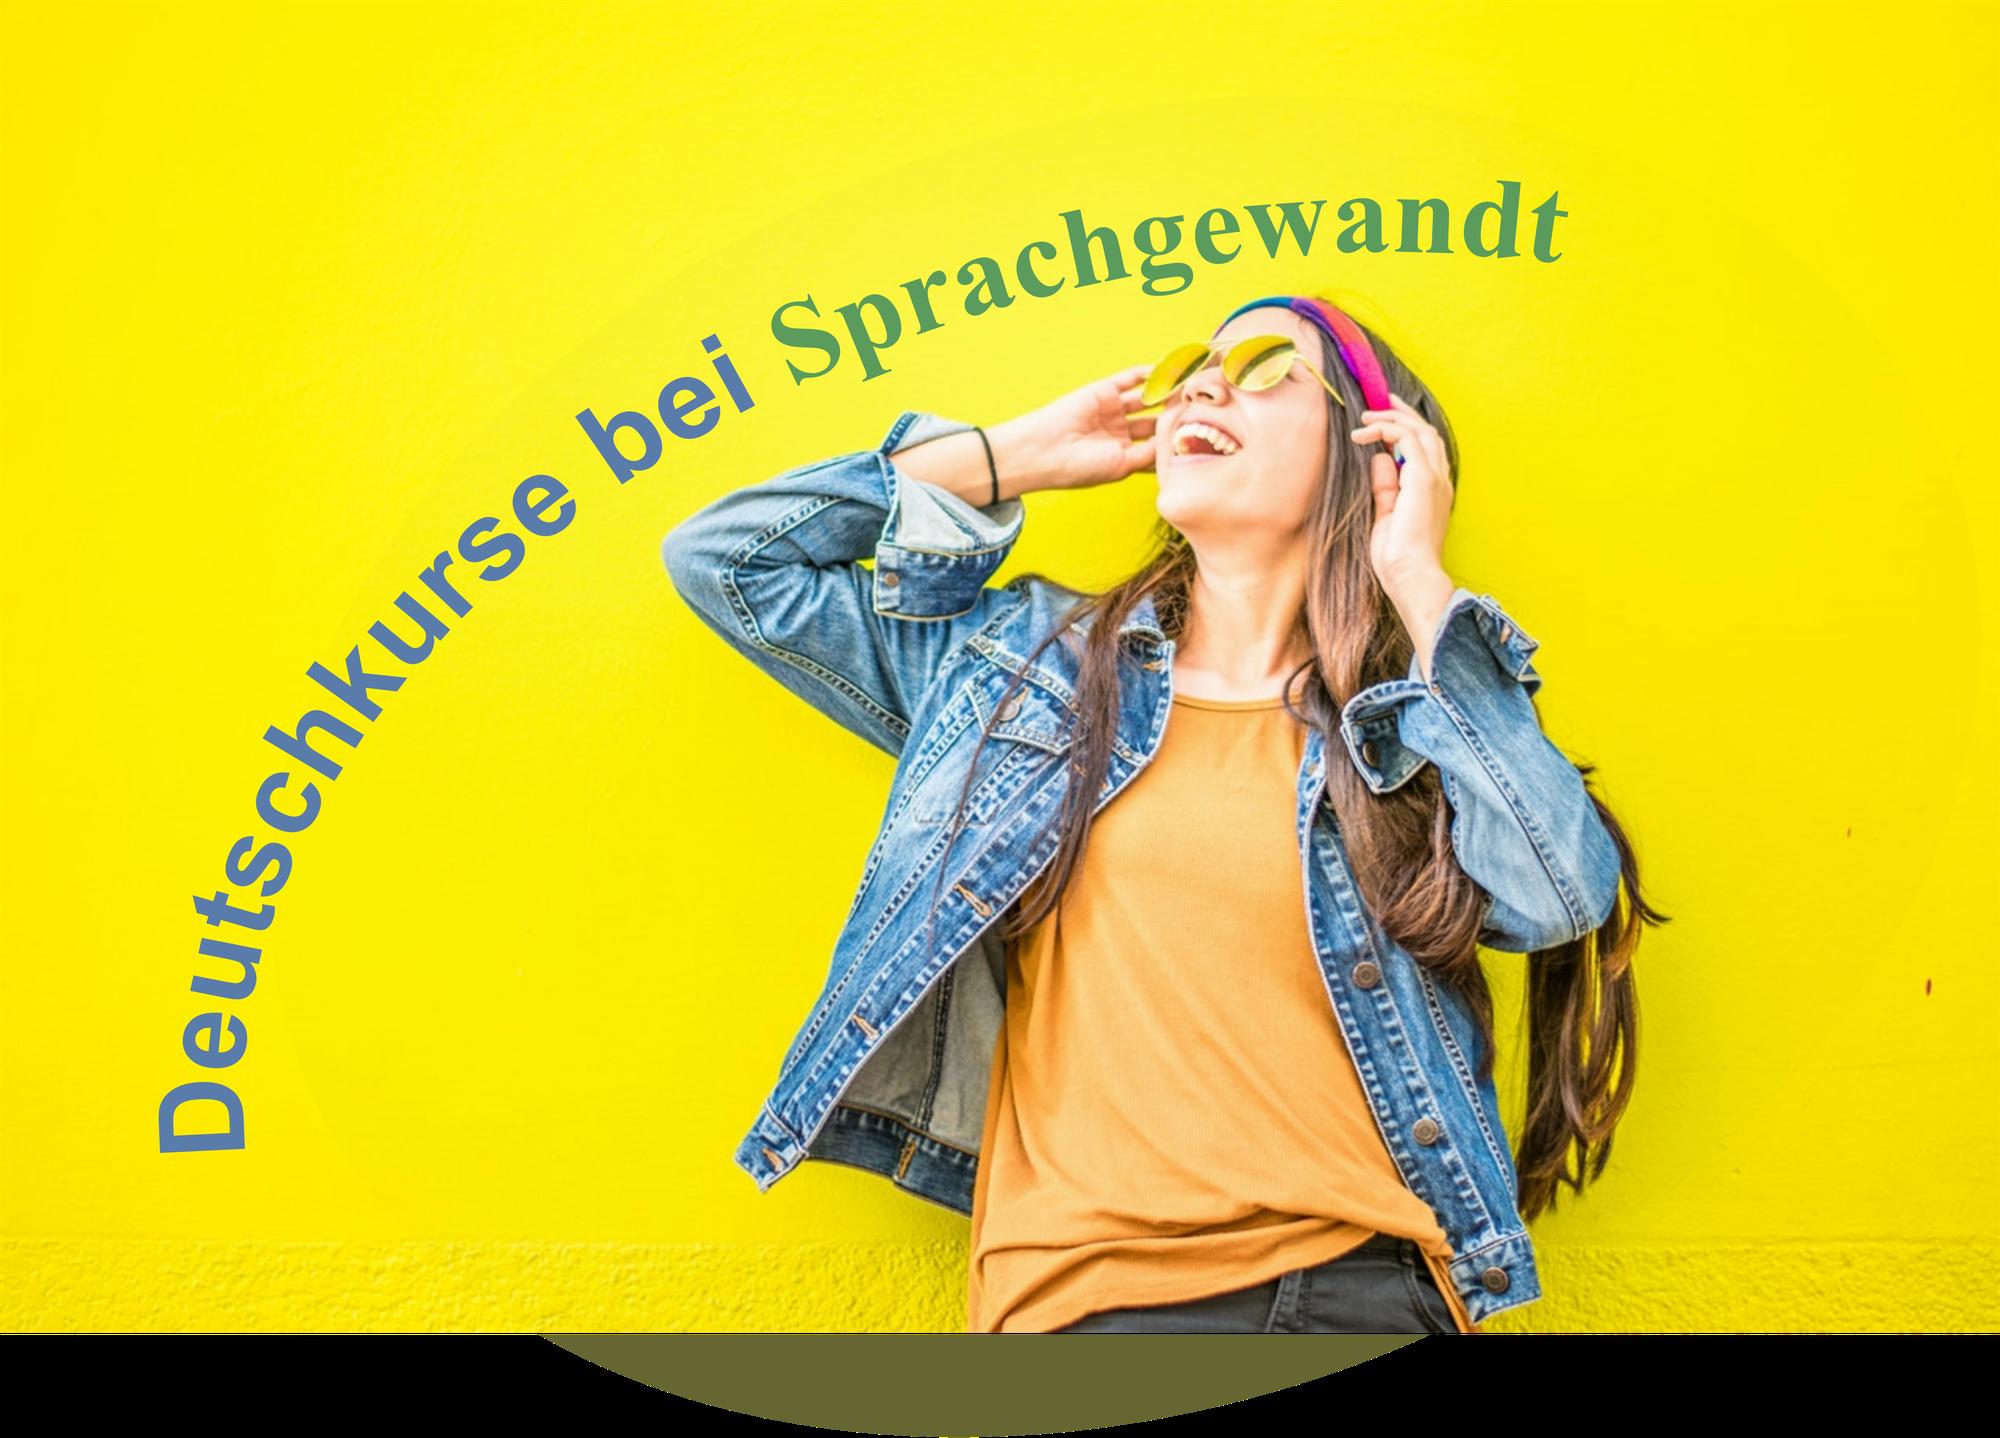 Meine Zeit zum Deutsch lernen: Kinder in der Kita, nach der Arbeit, sich zuhause fühlen / My time to learn German: Kids in daycare, after work, feel at home.